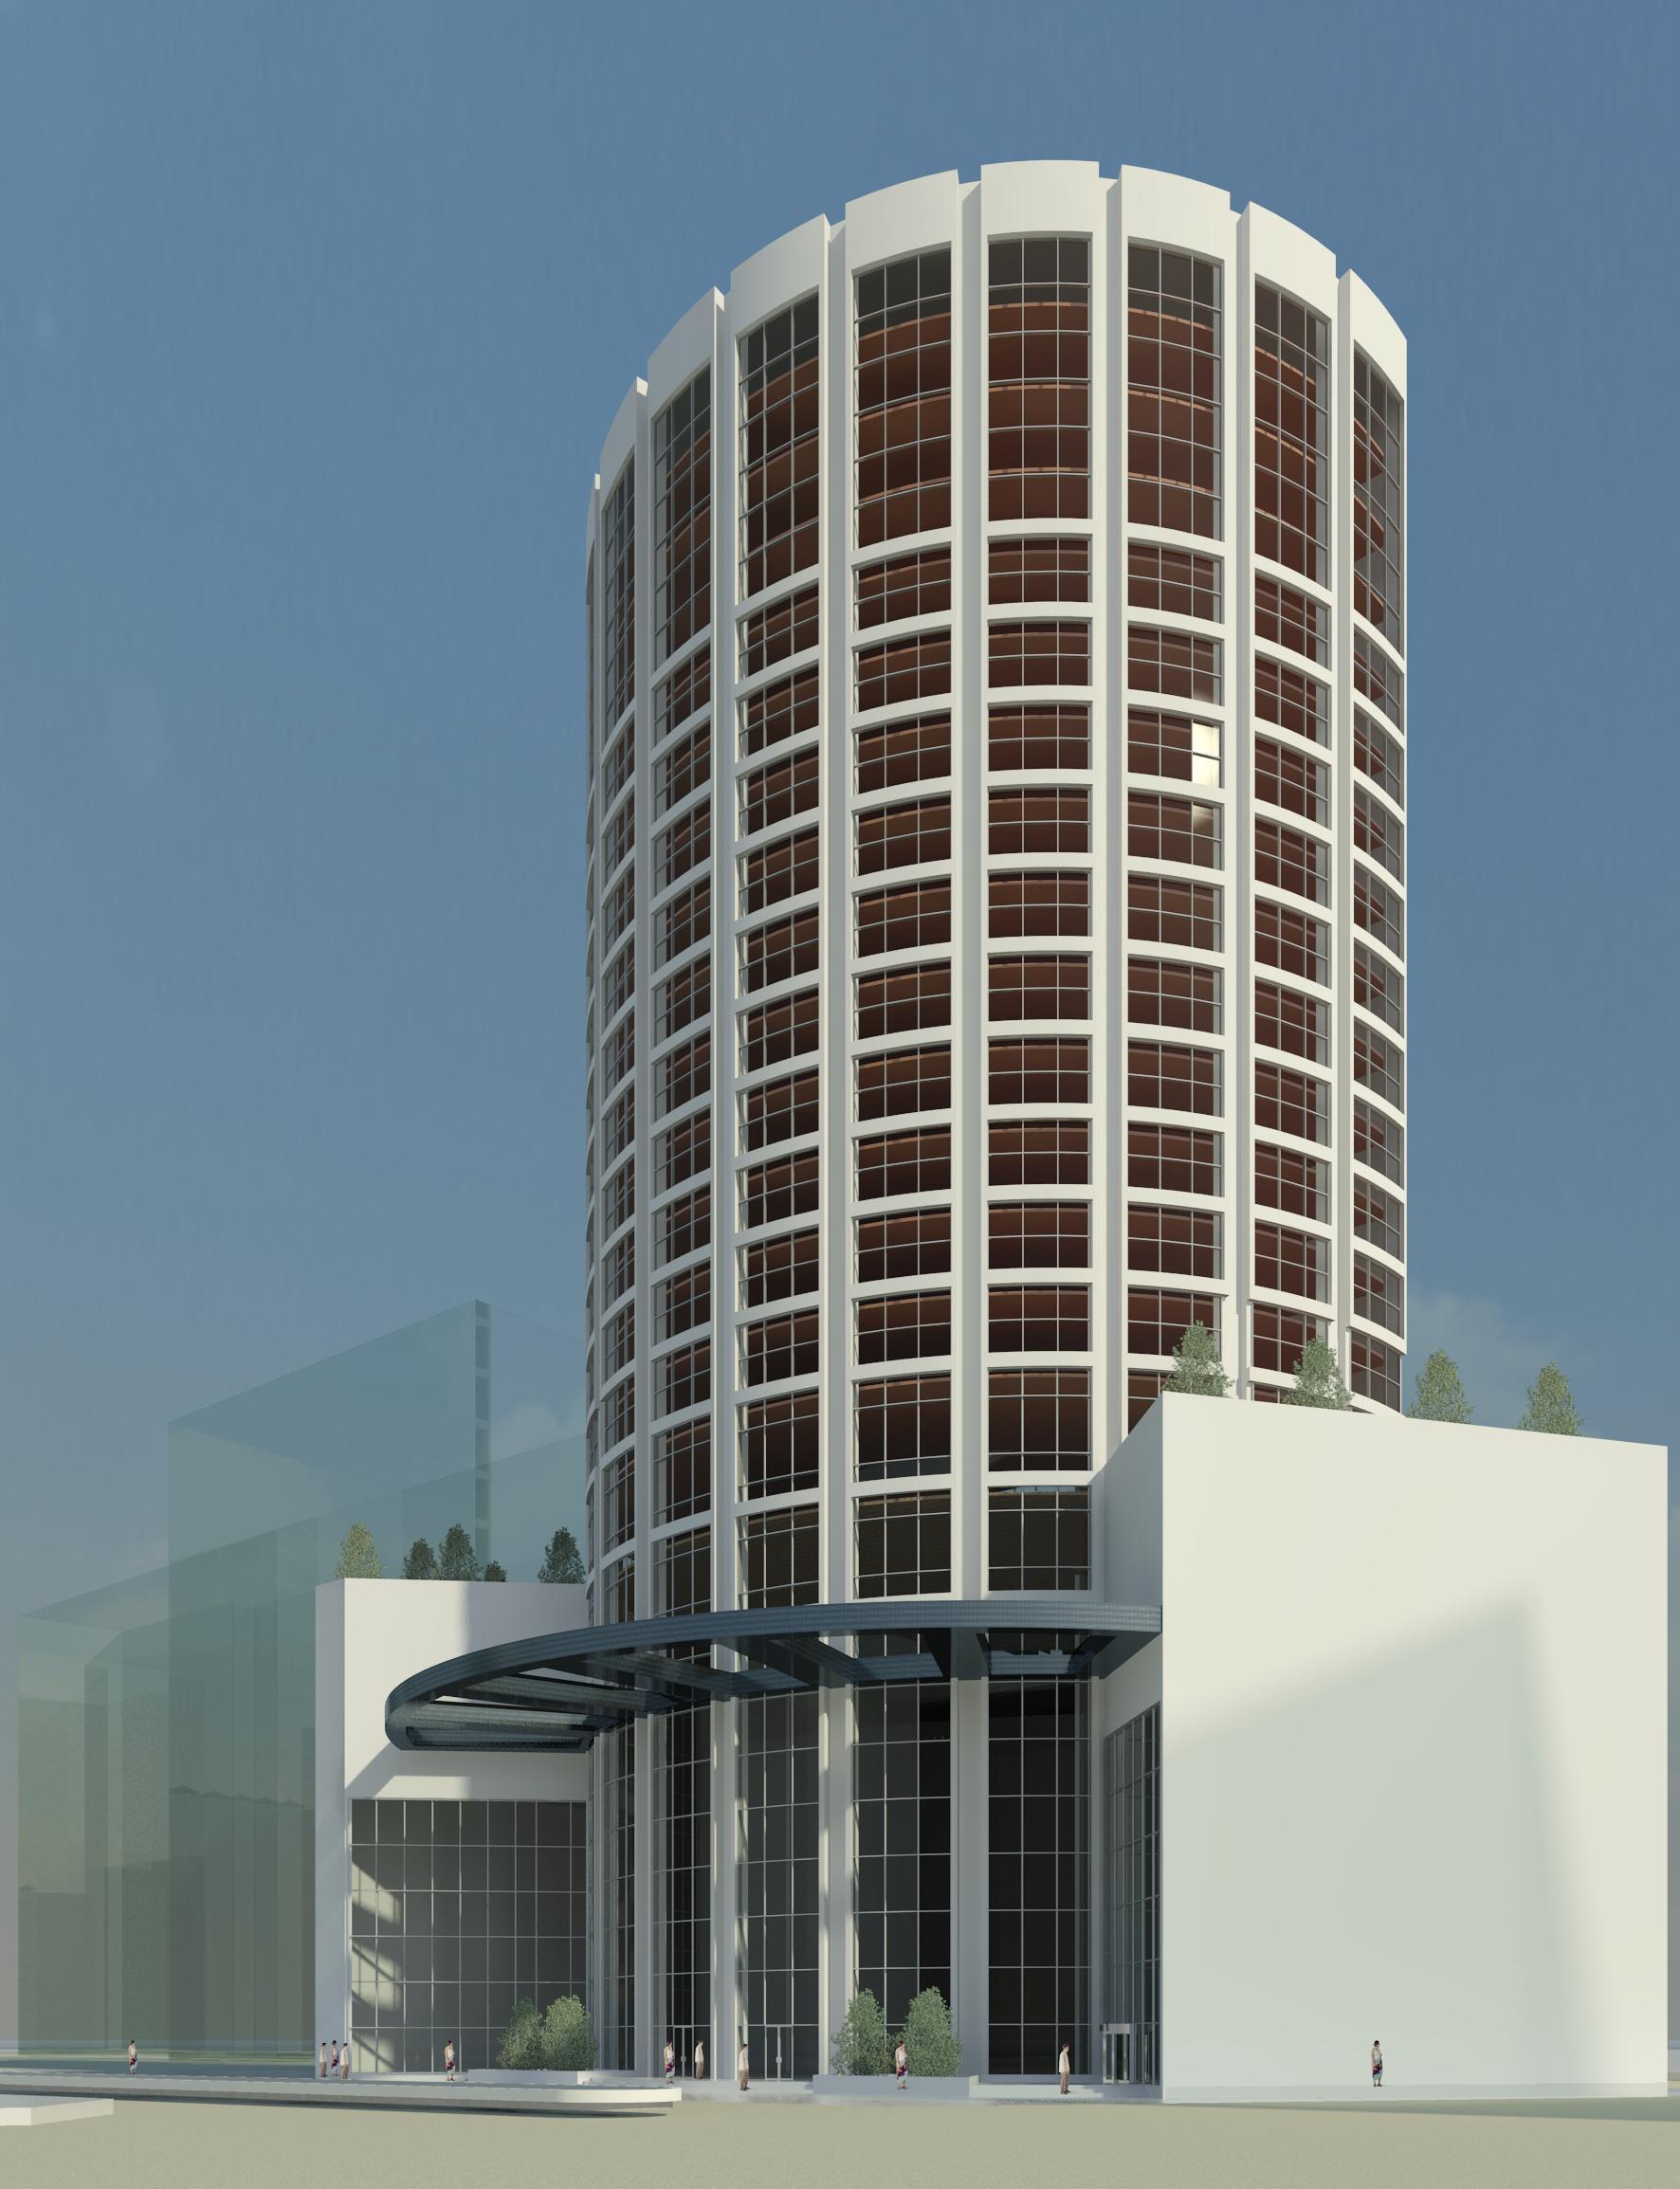 adiyaman-5-yildizli-otel-projesi-5